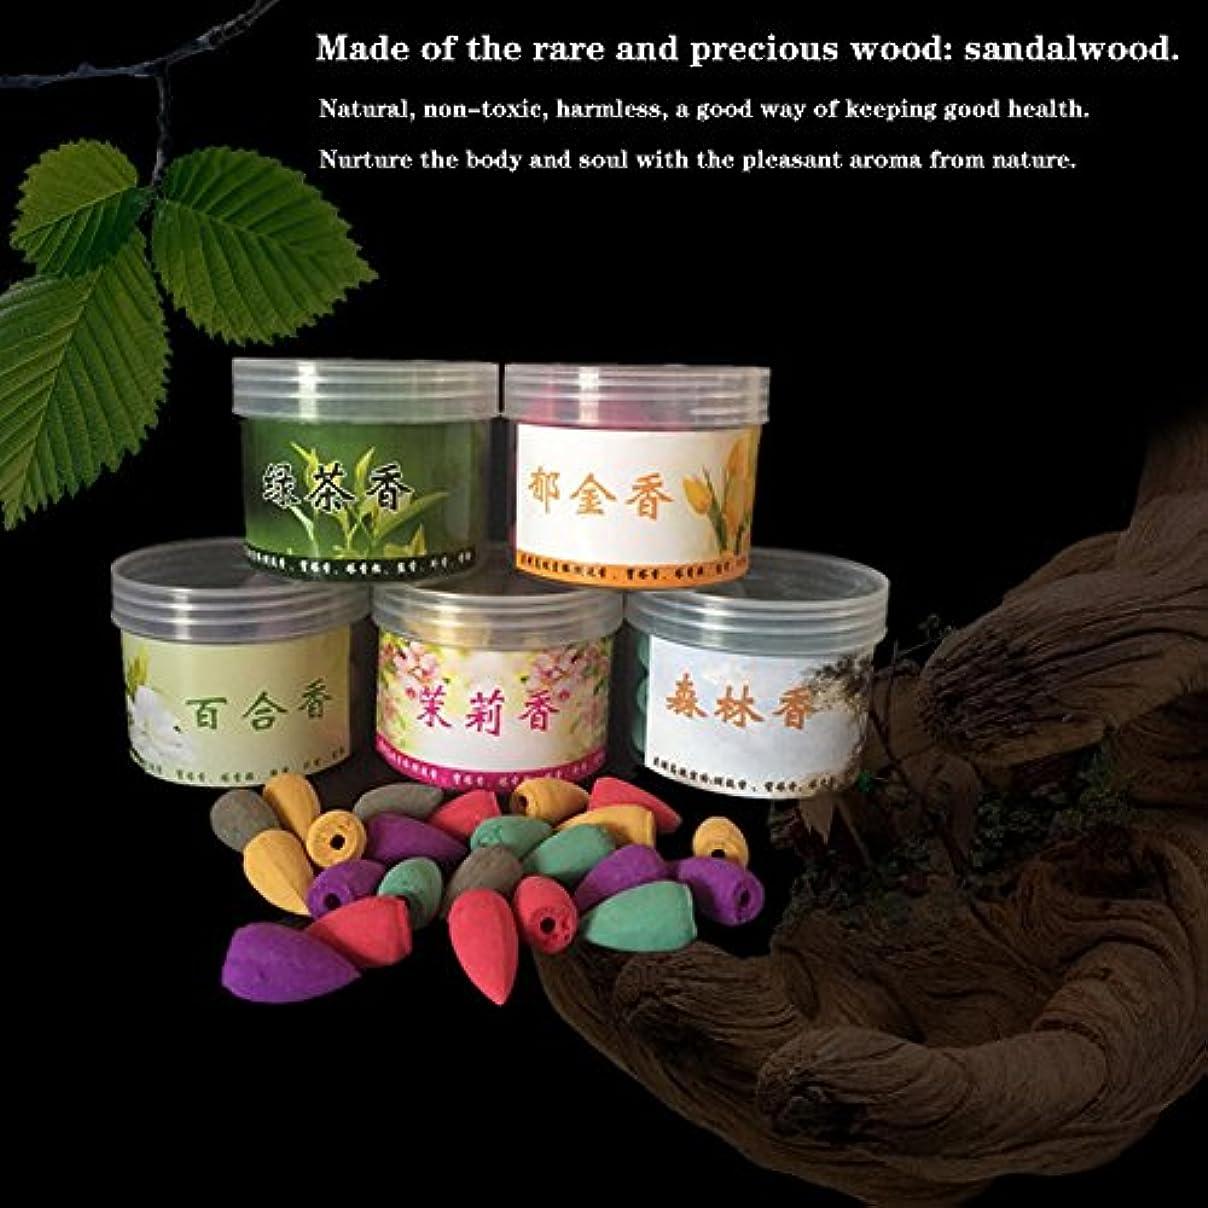 予防接種するオズワルド疫病Nishore 45pcs /ボックスナチュラルサンダルウッド逆流香煙仏教パゴダタワー 屋内ホローコーンミックス香水 健康アロマ 空気浄化芳香剤 アロマテラピー